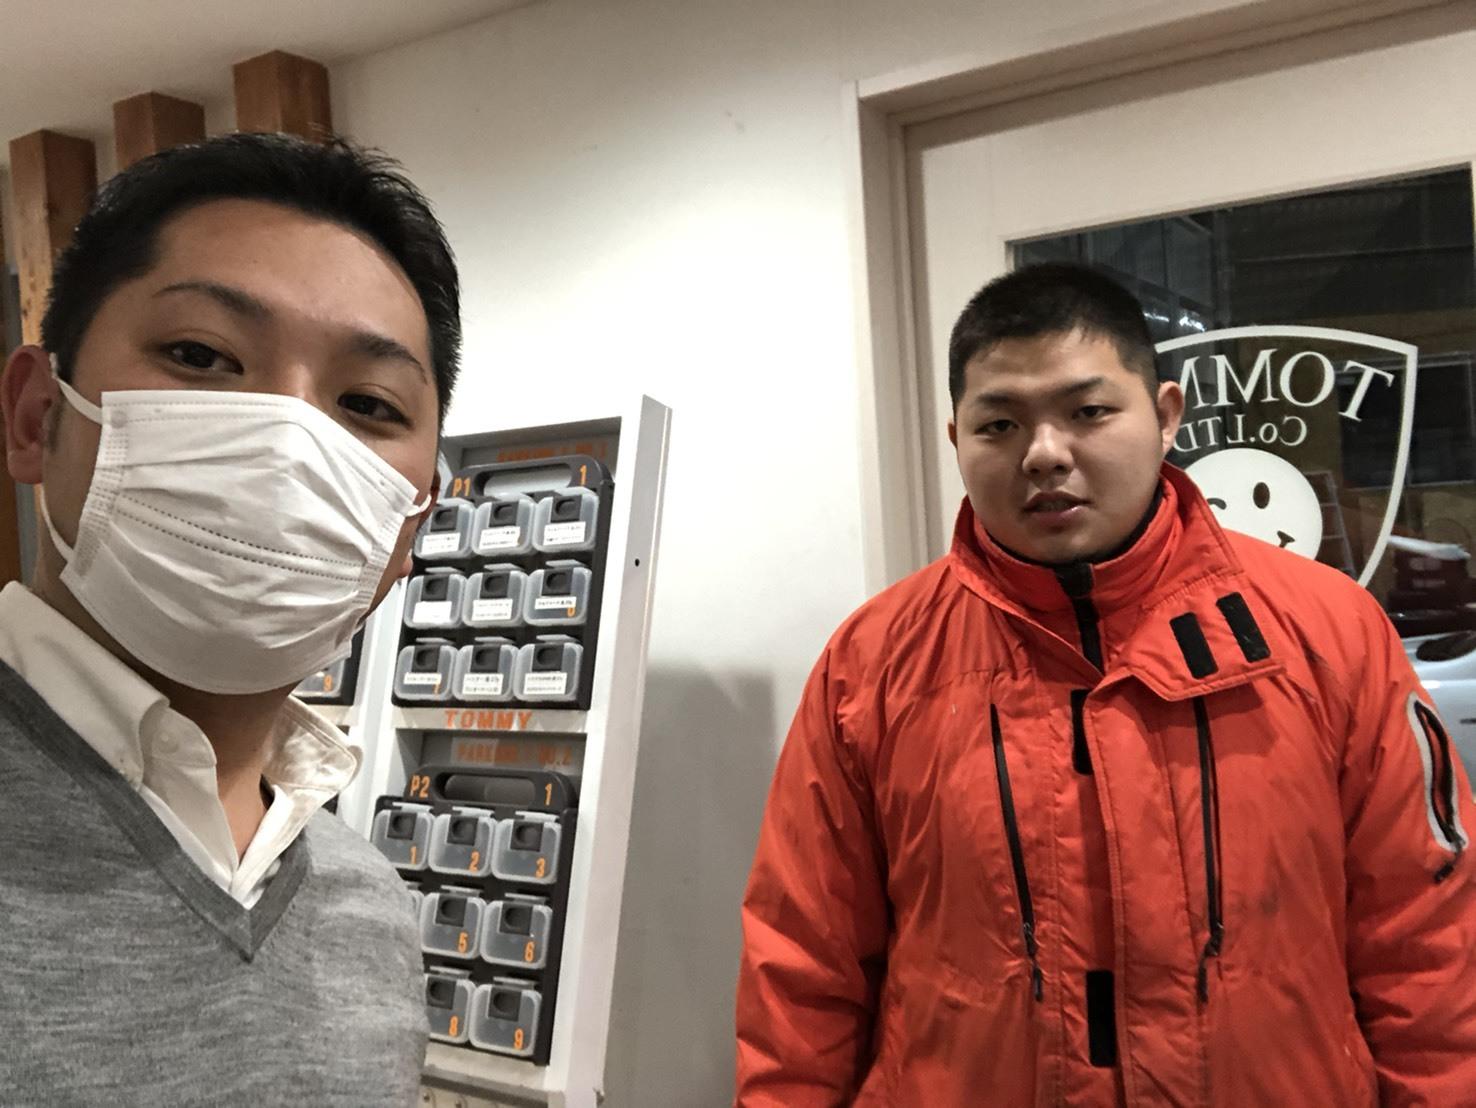 12月6日(金)トミーベースブログ☆カスタムカー☆レクサス♬スバル🎶フーガ♬クラウン🎶フォレスター☆レガシィ♬ローンサポート♬自社ローン_b0127002_19275869.jpg